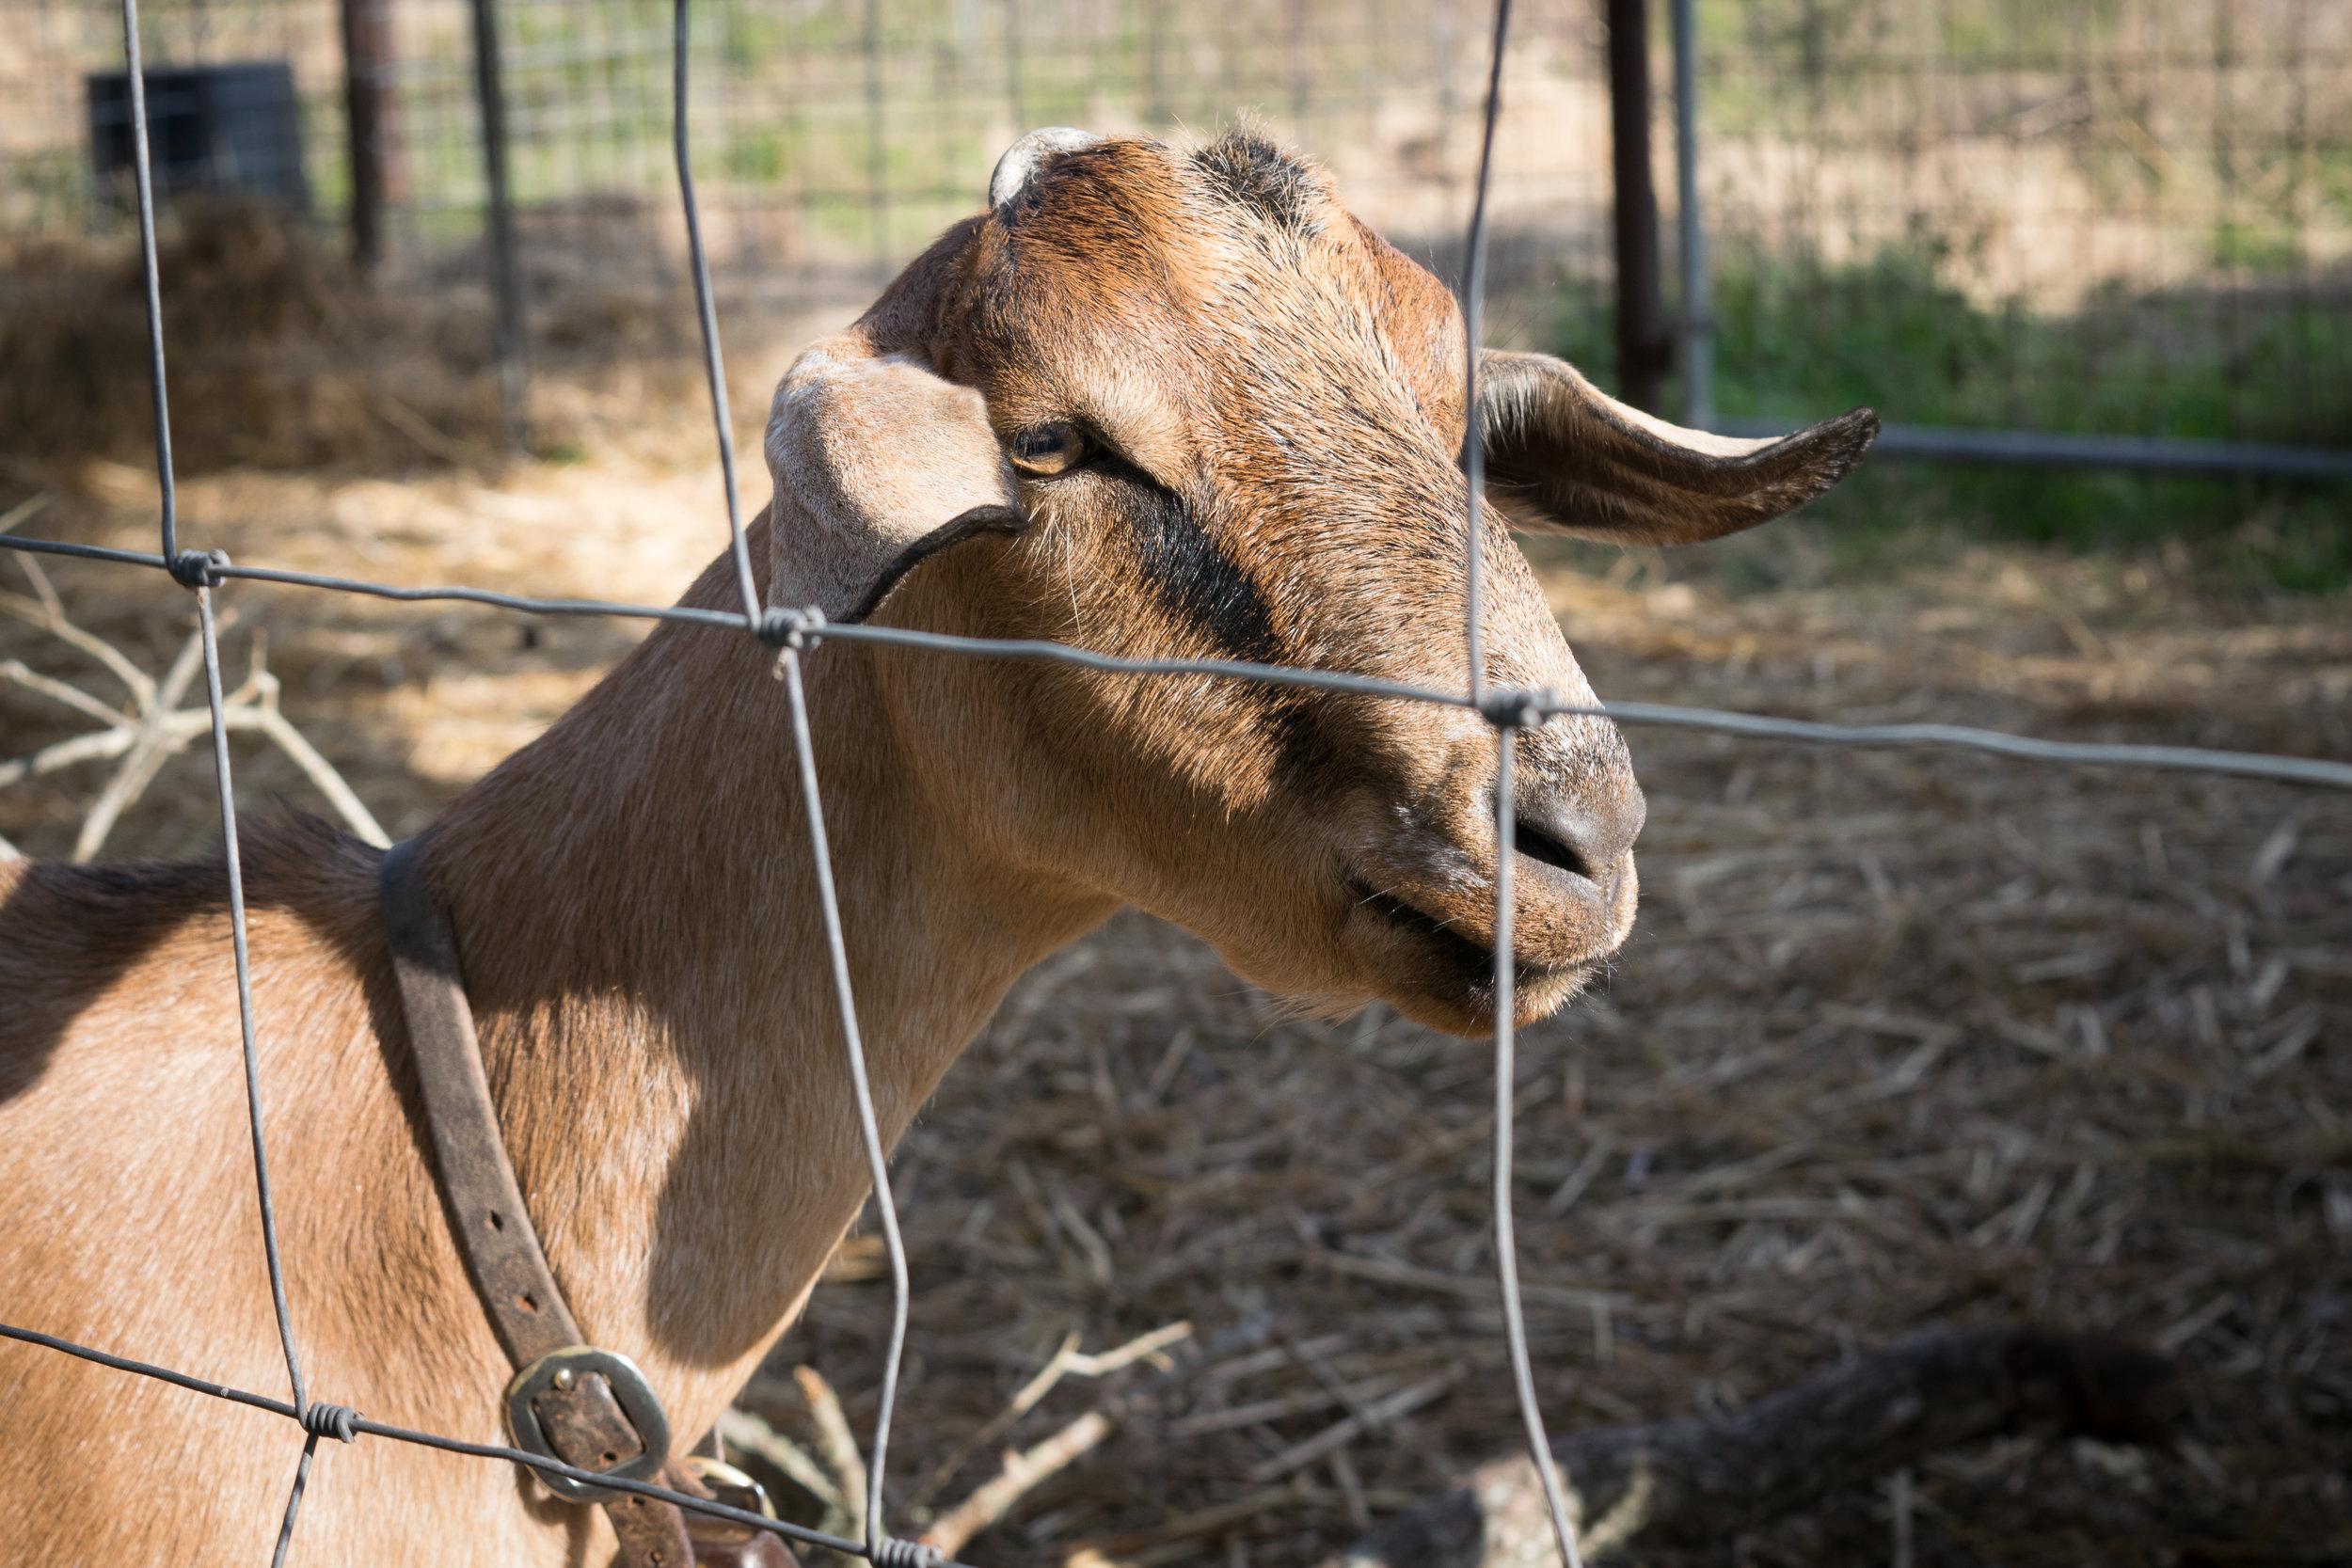 Goat ).jpg